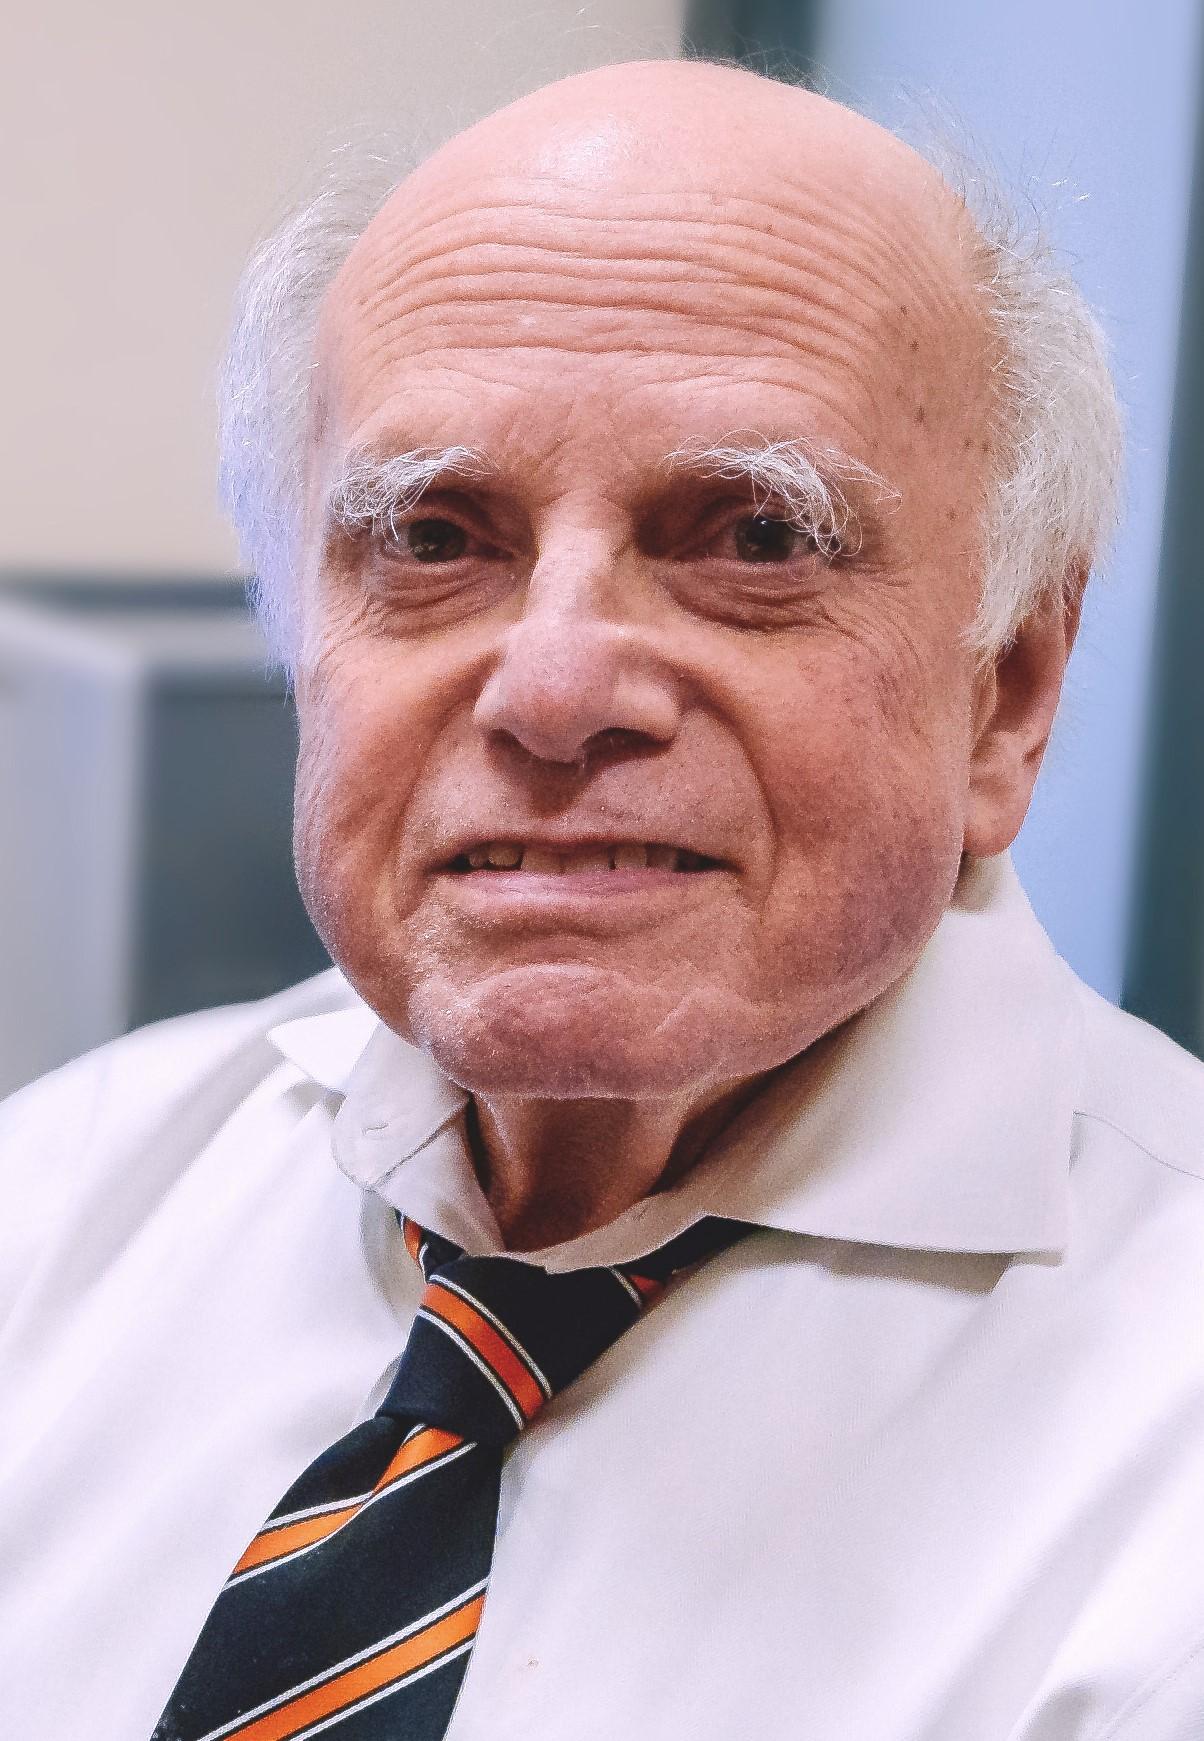 Photo of Dr. David M. Levine, M.D., Sc.D, M.P.H.